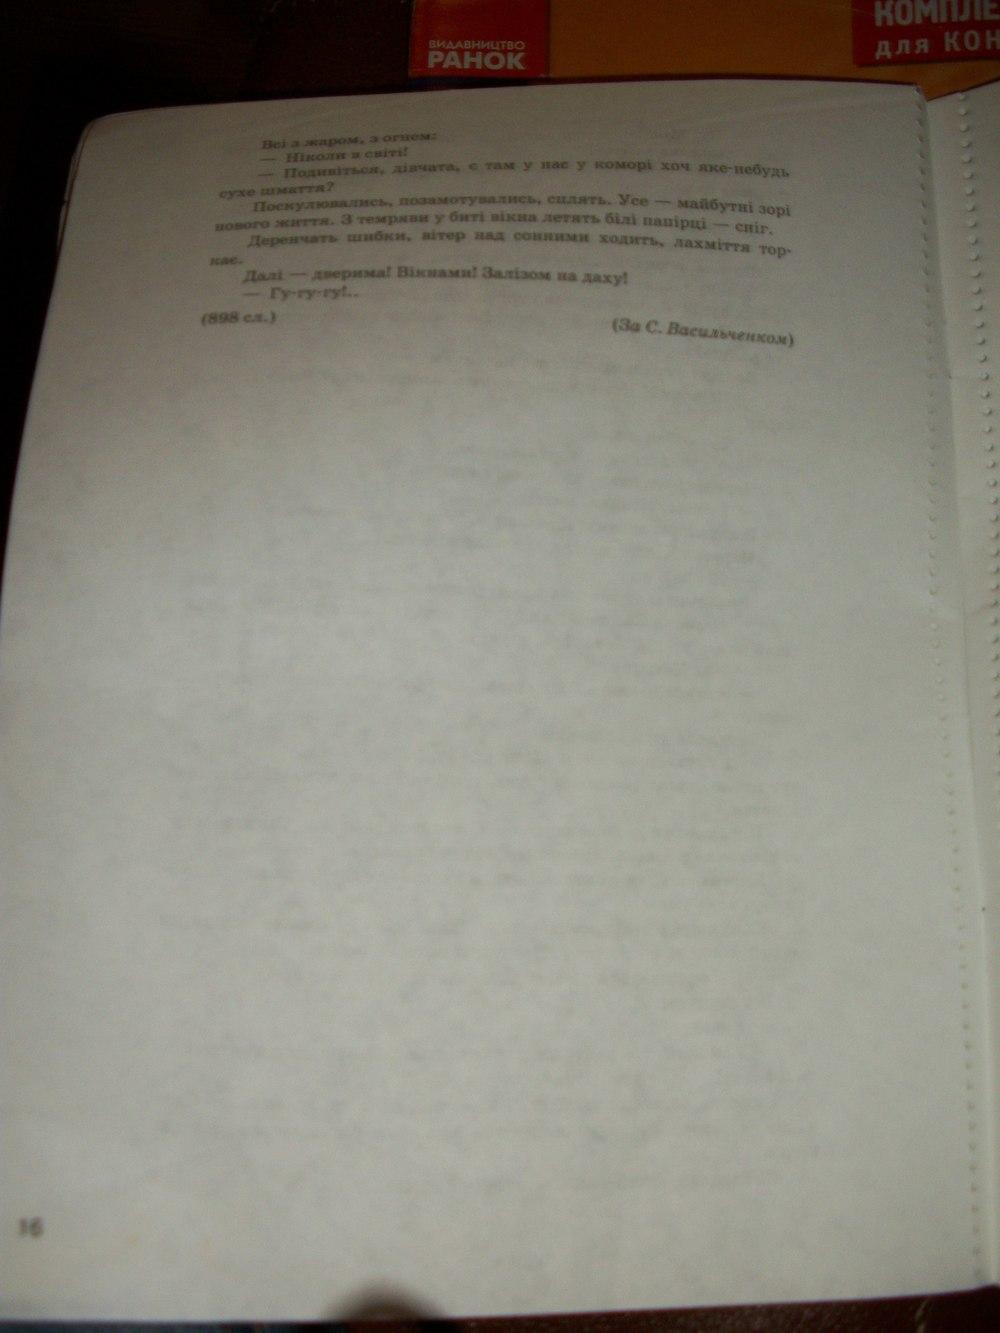 ГДЗ відповіді робочий зошит по рiдна/укр. мова 10 класс Жовтобрюх В.Ф.. Задание: стр. 16